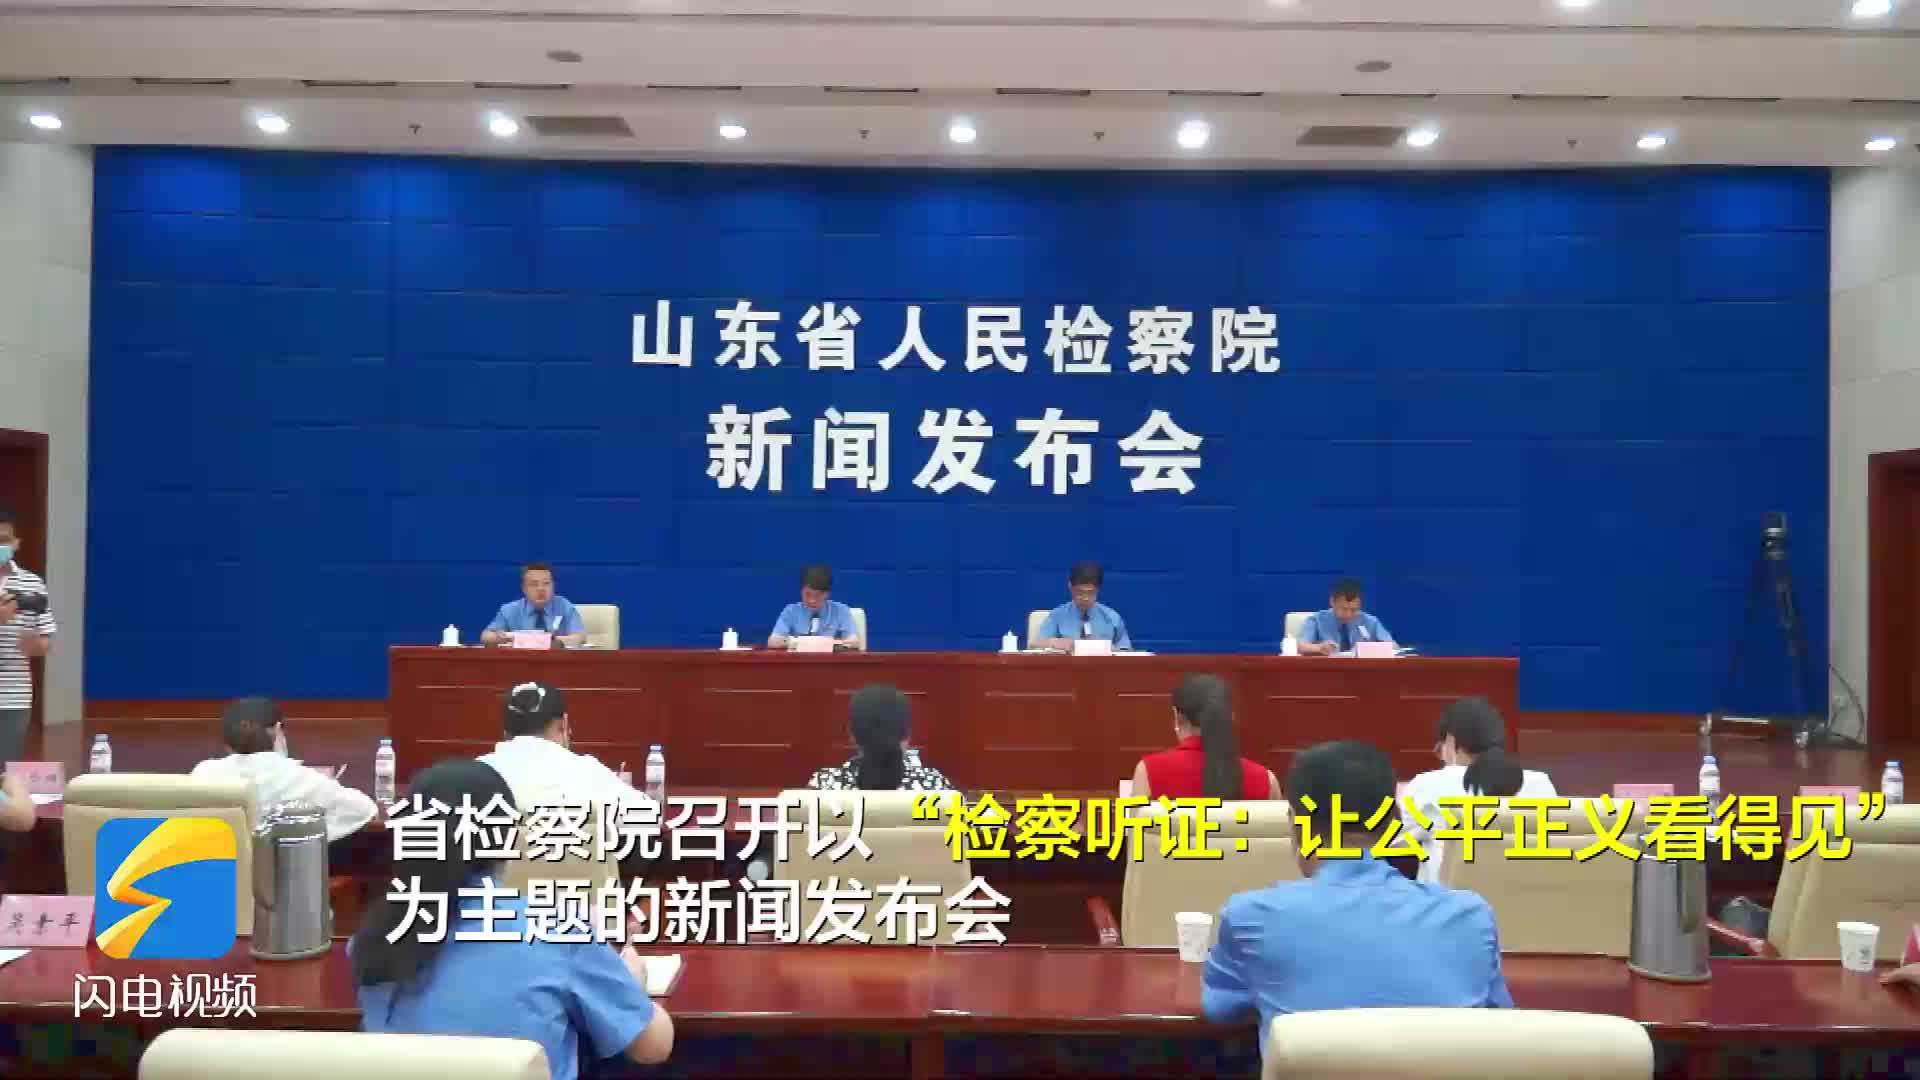 """省检察院召开""""检察听证:让公平正义看得见""""新闻发布会"""